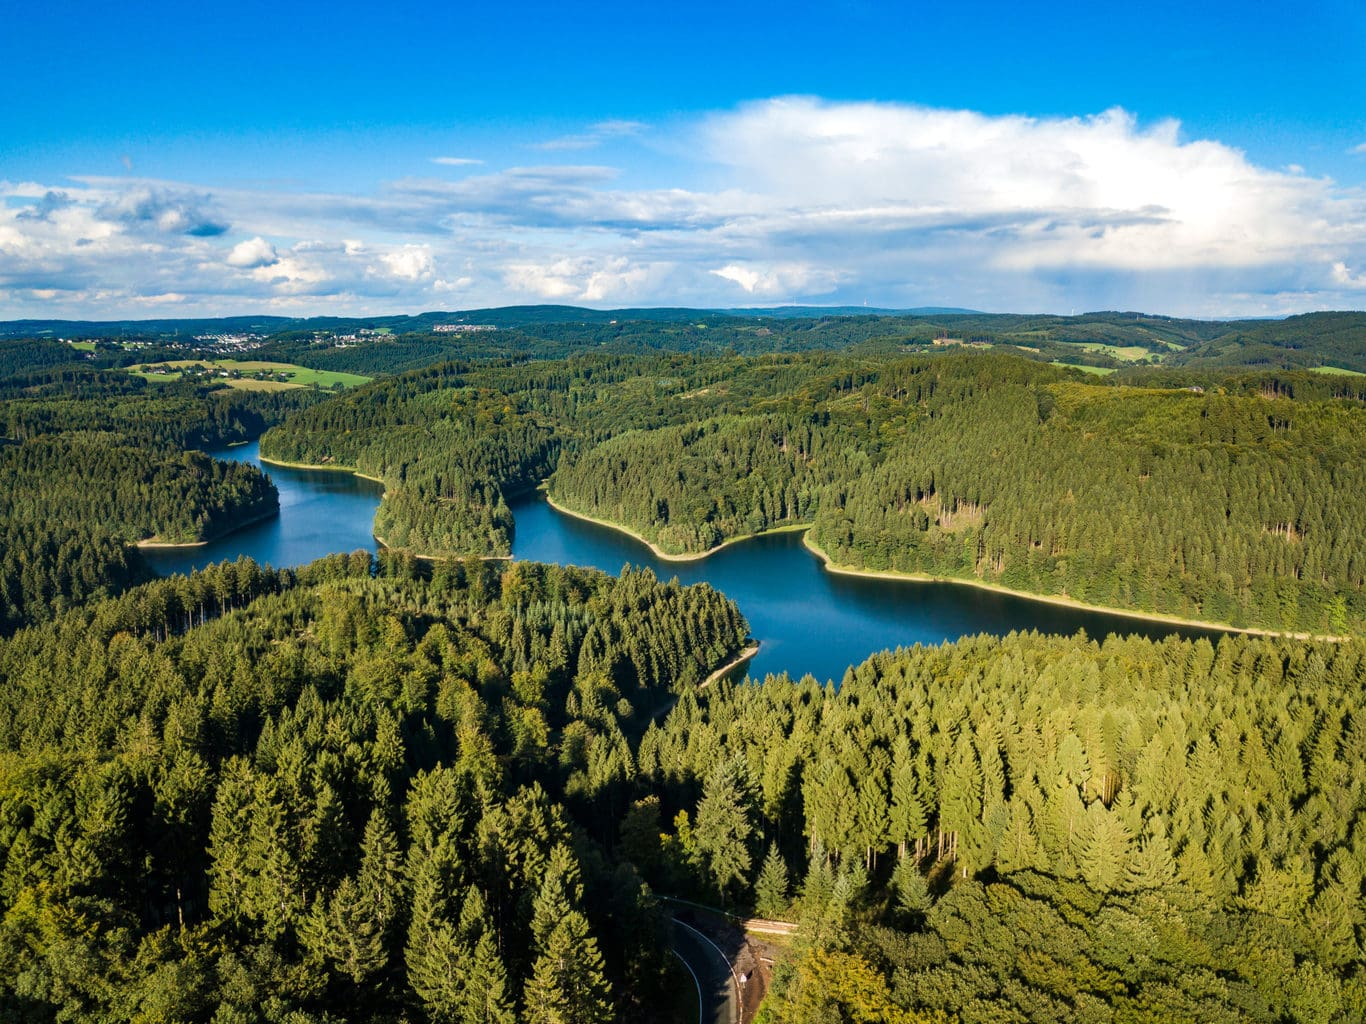 De Genkeltalsperre in het Bergische Land in NRW